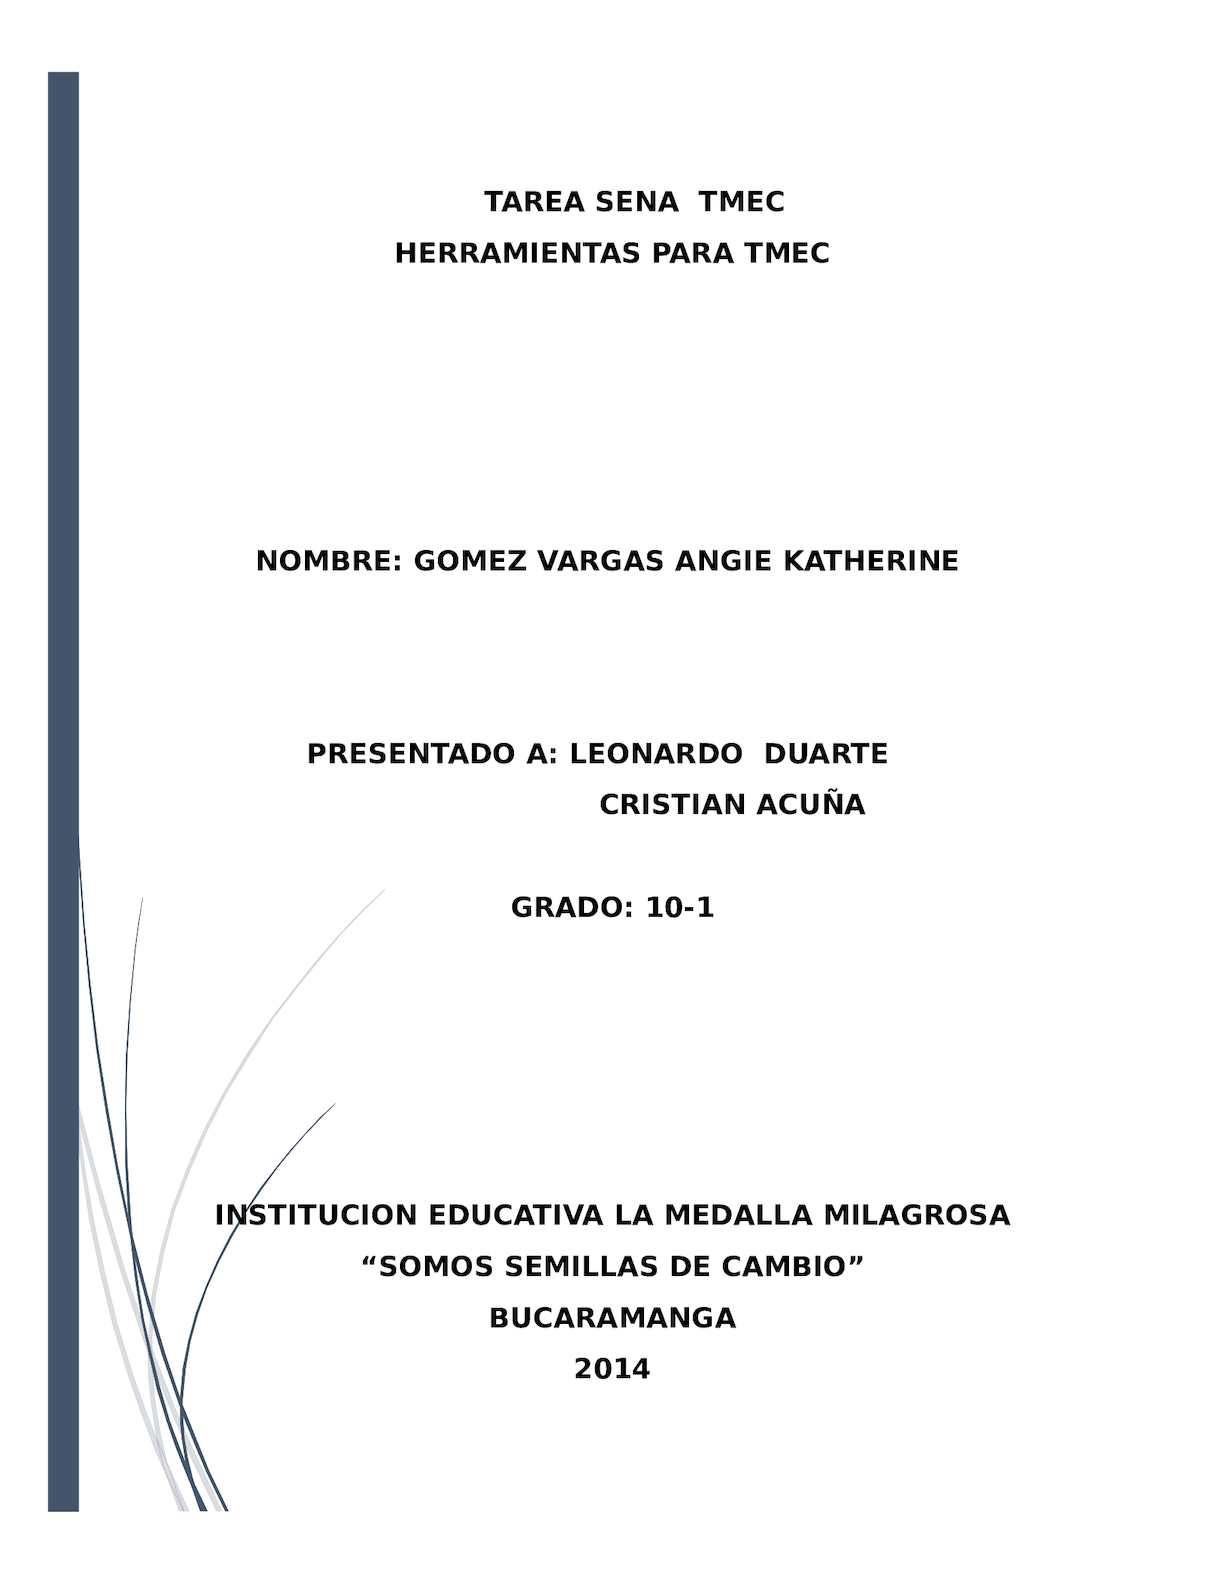 Calaméo - HERRAMIENTAS 200fec74d47e